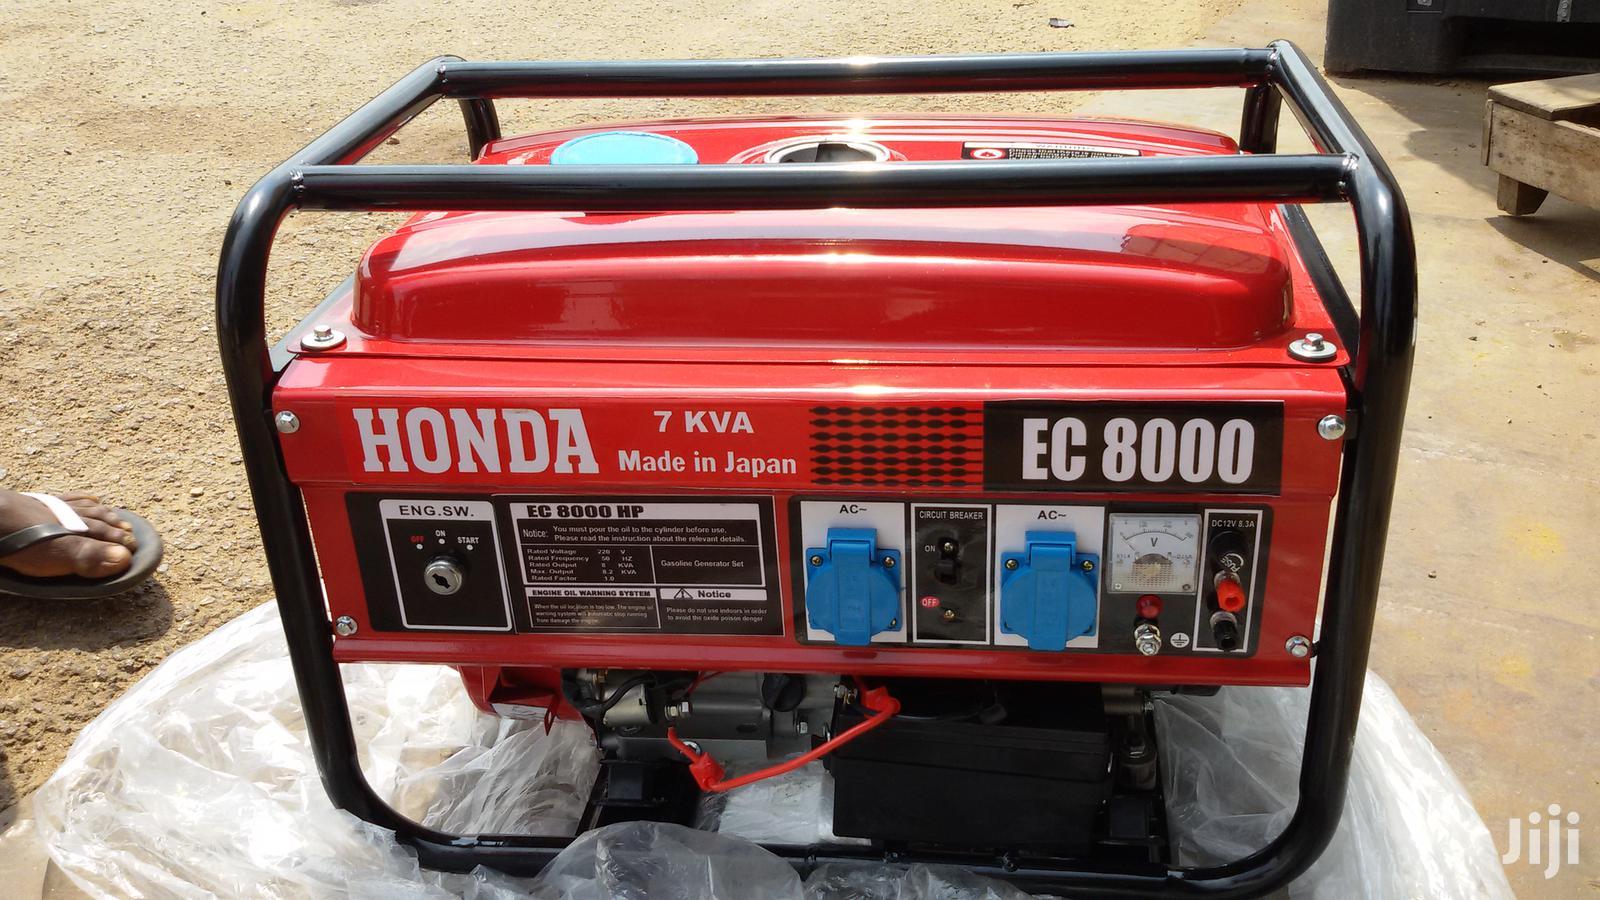 Smart8000wax Silent 7kva Honda Generator Newin Box